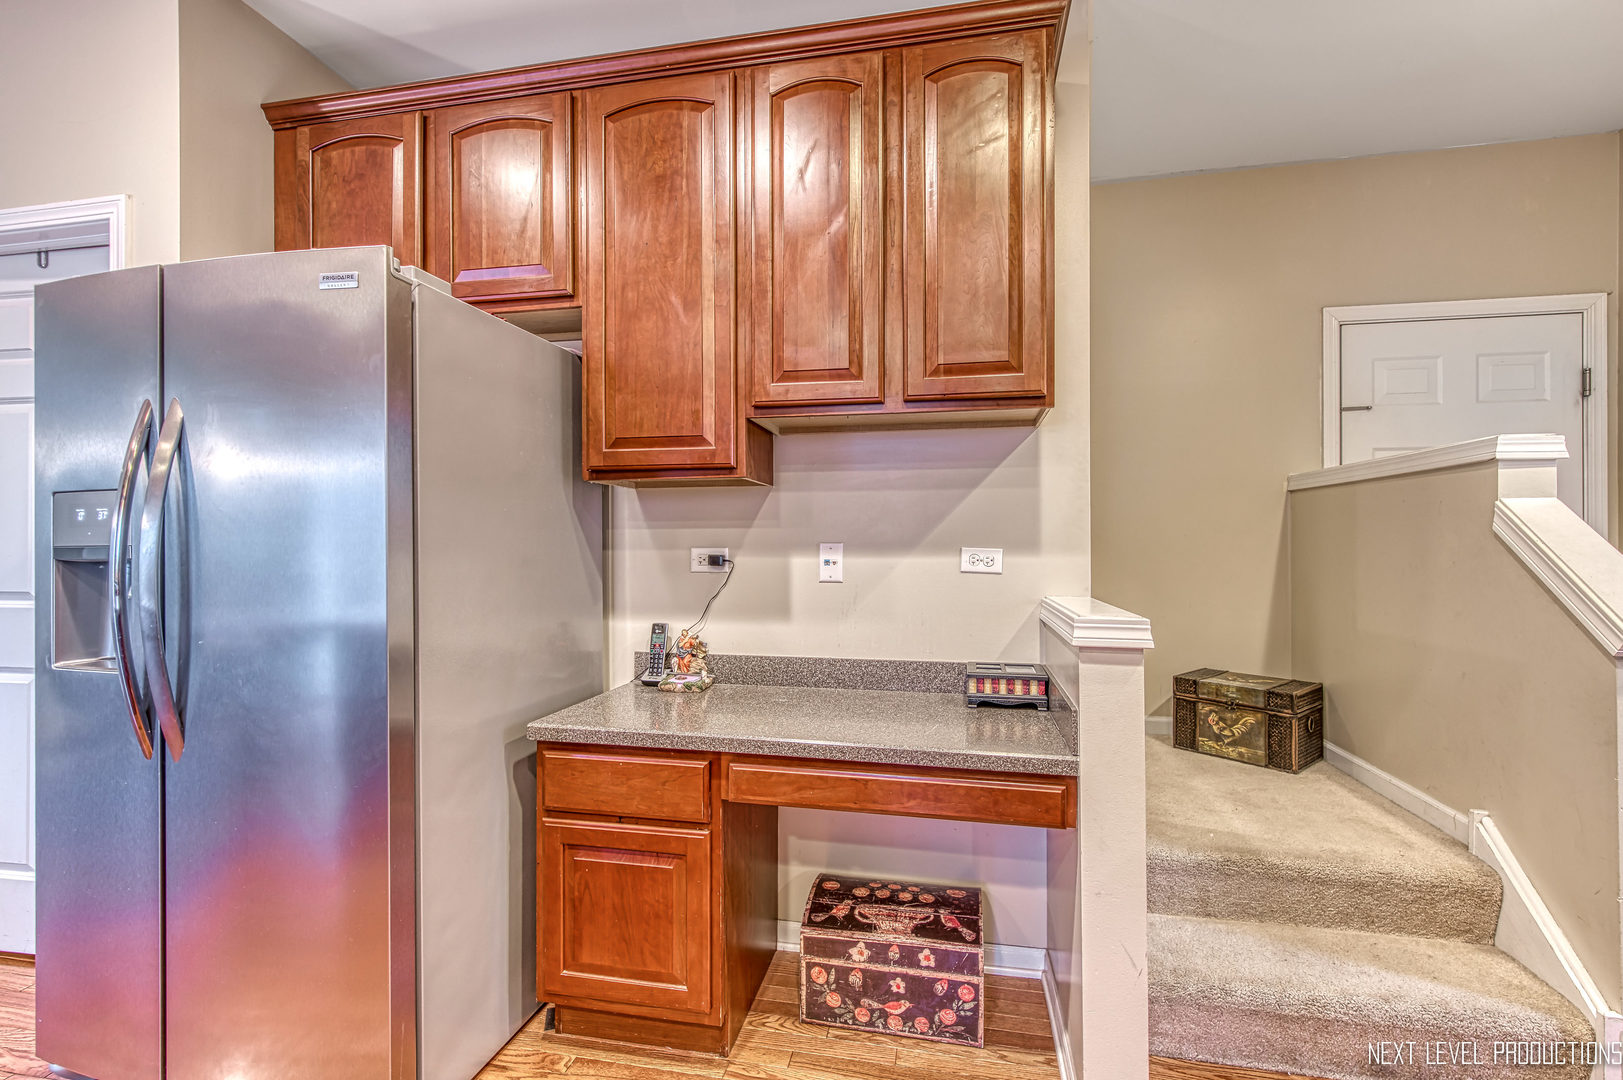 204 BENNETT, Oswego, Illinois, 60543